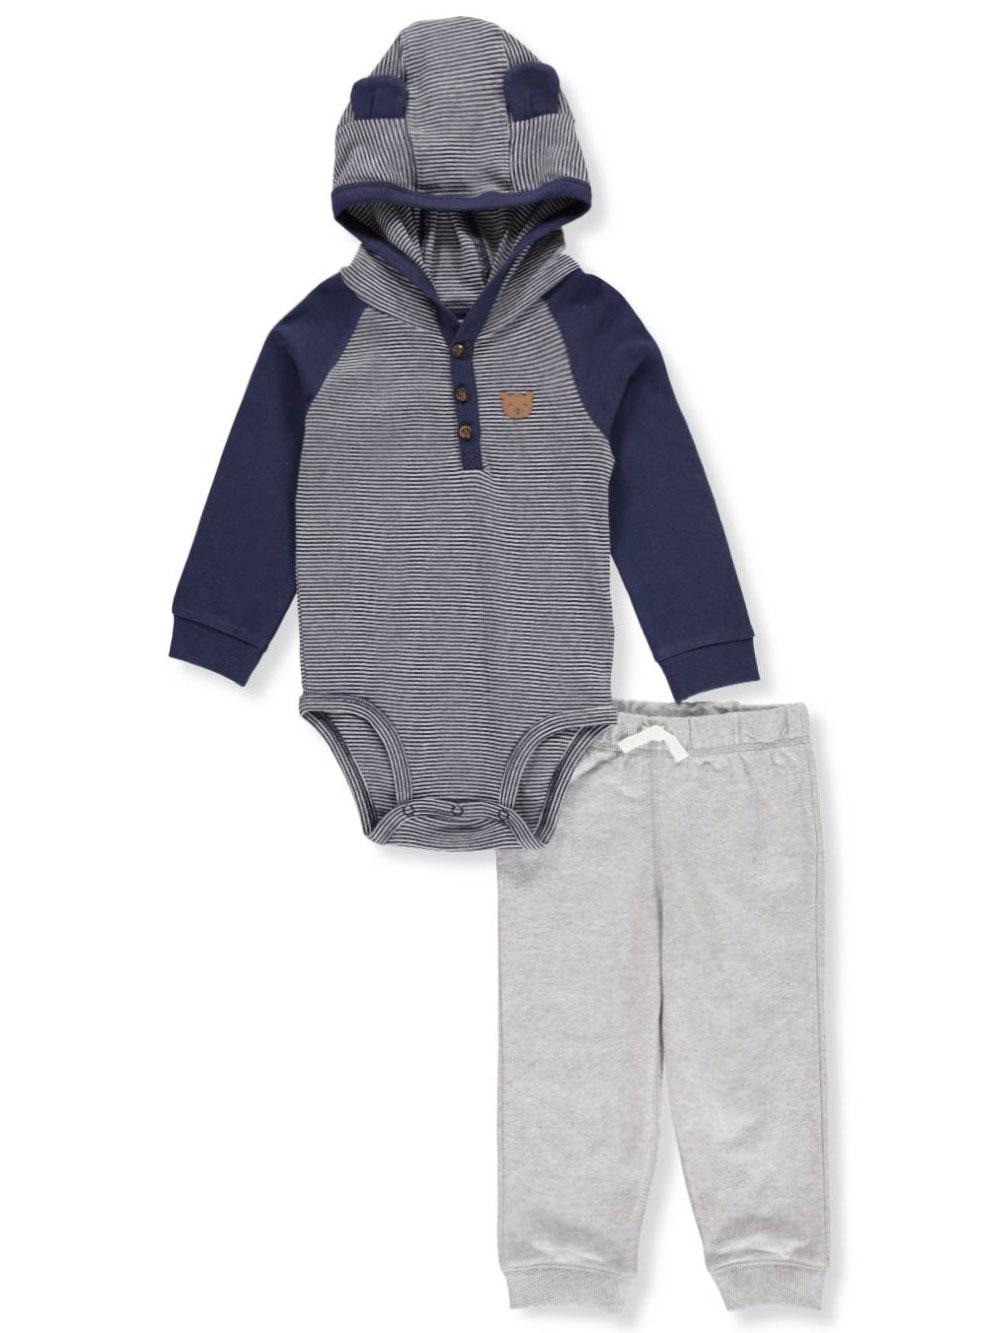 NEW Boy/'s CARTER/'S ATHLETIC Dept NAVY 2-Piece Fleece Hoody /& Jogger 3T